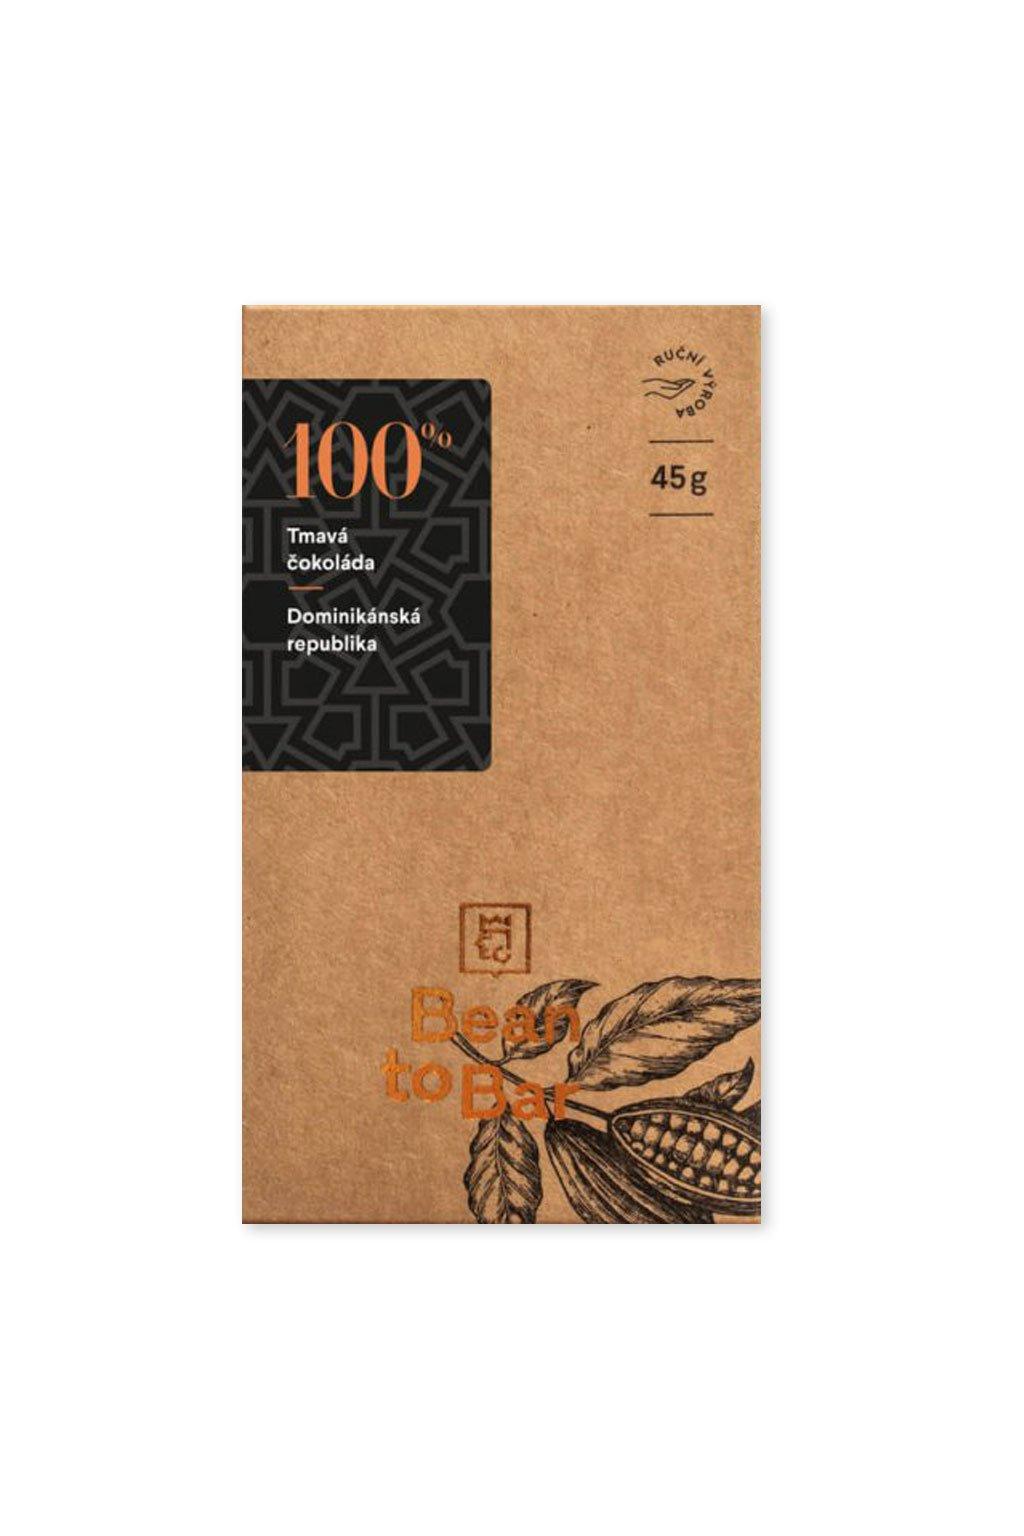 Čokoládovna Janek Tmavá 100% Dominikánská republika